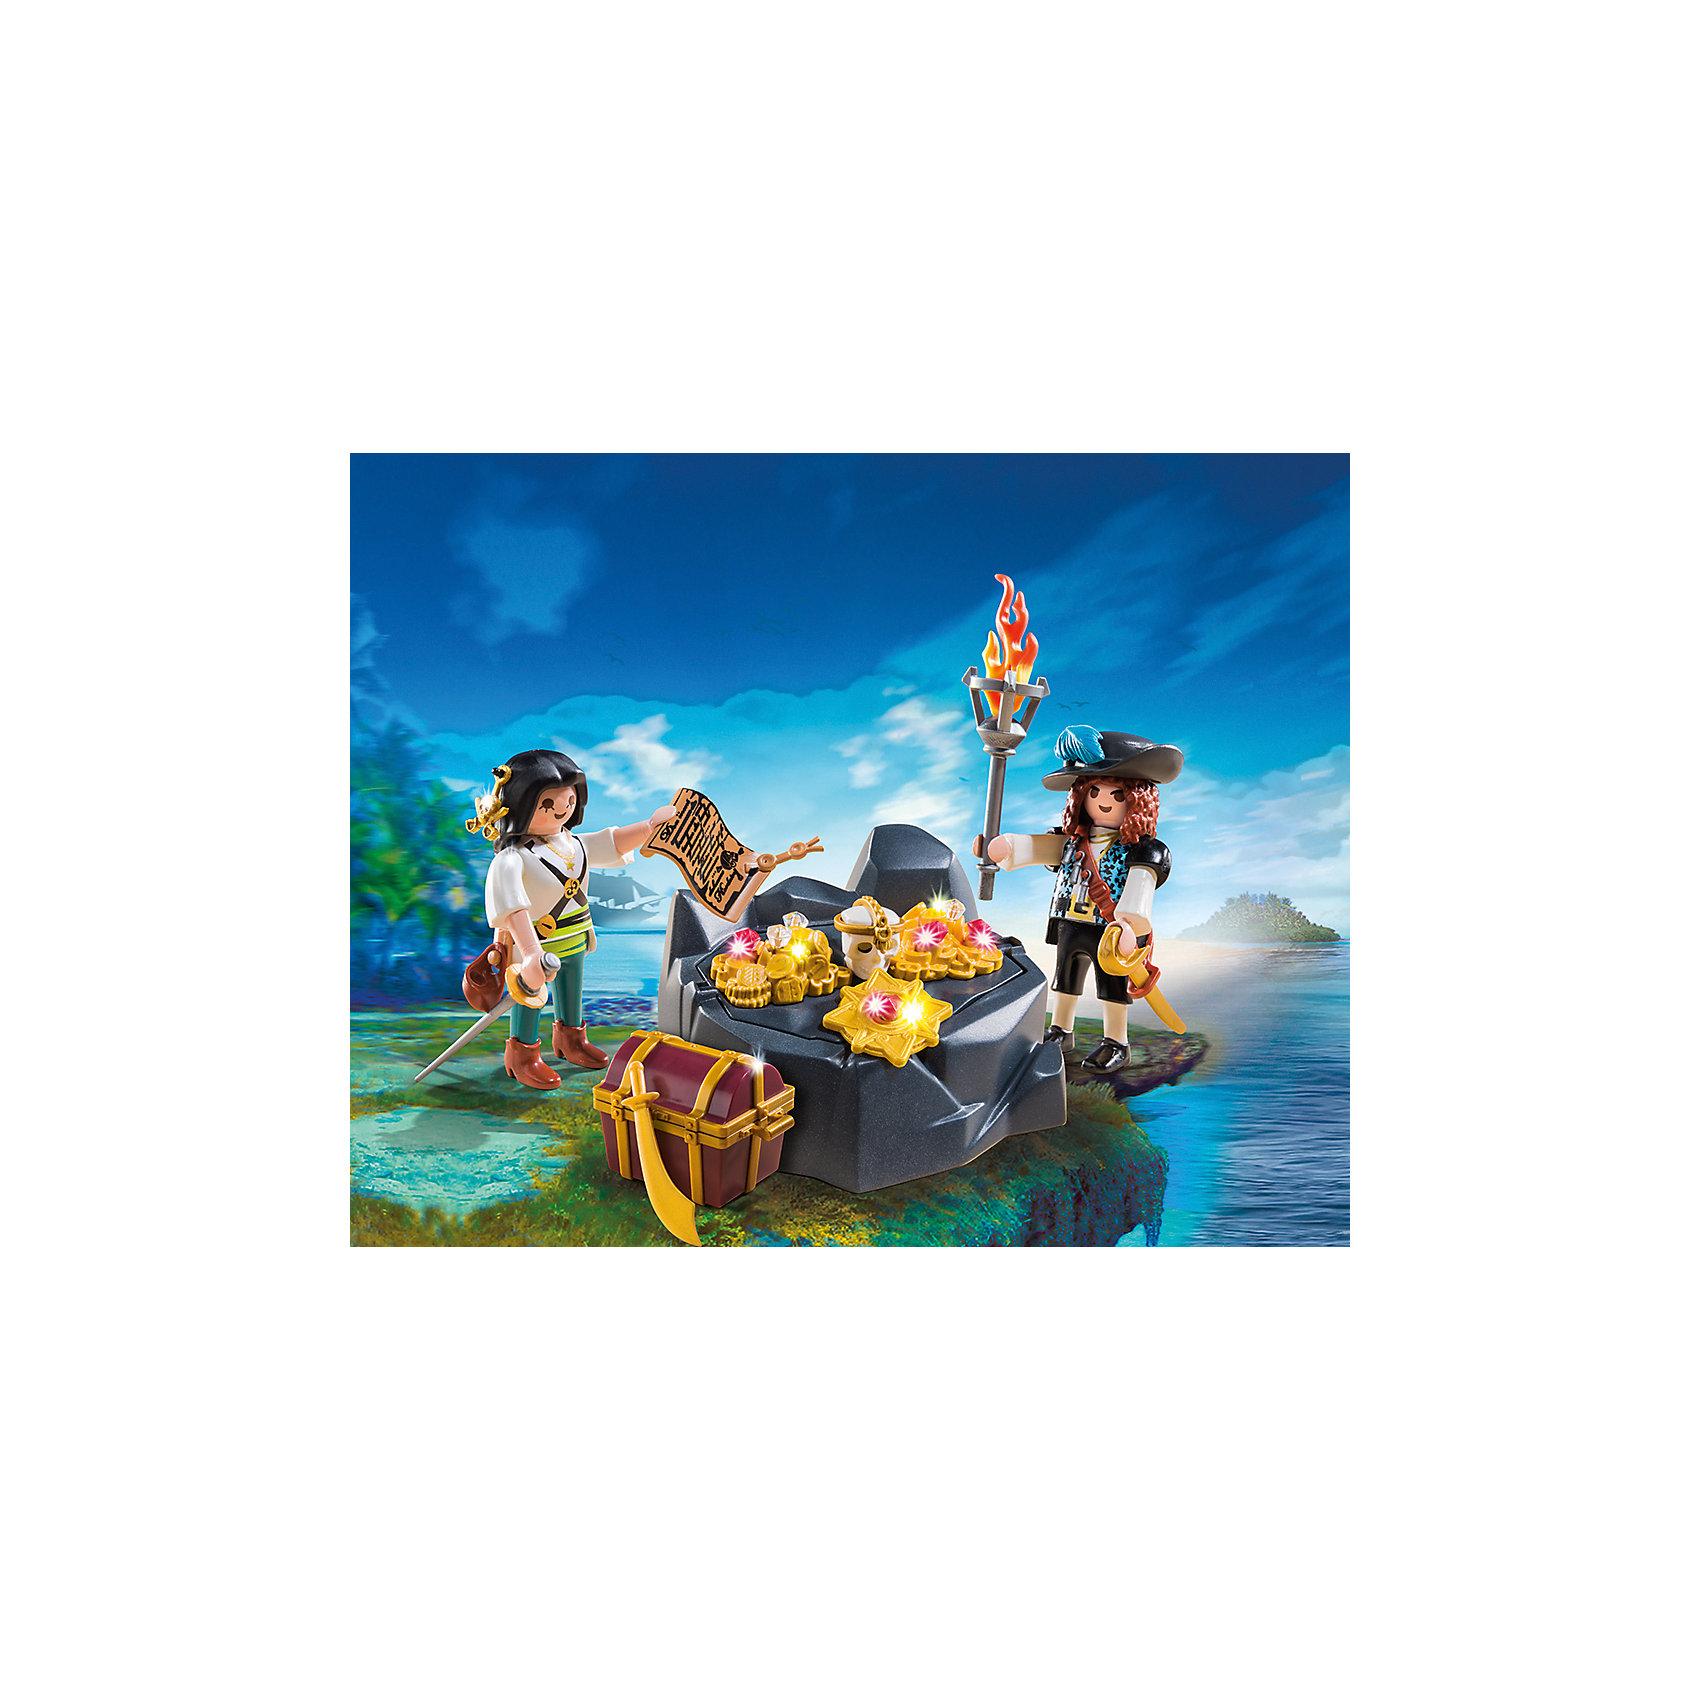 Пиратский тайник с сокровищами, PLAYMOBILВ этом наборе ты найдешь настоящий тайник с пиратскими сокровищами! Пираты спрятали свои сокровища в очень хитром месте. Сокровища охраняют два скорпиона. Но если перевернуть камень, под ним и найдутся золото и бриллианты. Помести сокровища в сундук и отправляйся на корабль. В наборе есть 2 фигурки пиратов, тайник, сокровища, аксессуары. Фигурки имеют подвижные конечности, в руки можно вложить различные предметы. Все детали прекрасно проработаны и выполнены из высококачественного экологичного пластика безопасного для детей. Играть с таким набором не только приятно и интересно - подобные виды игры развивают мелкую моторику, воображение, творческое мышление.<br><br>Дополнительная информация:<br><br>- 2 фигурки пиратов.<br>- Комплектация: 2 фигурки, тайник, сокровища, аксессуары, 2 скорпиона, <br>- Материал: пластик.<br>- Размер: 25x20x7,5 см.<br>- Высота фигурки: 7,5 см.<br>- Голова, руки, ноги у фигурки подвижные.<br><br>Набор Пиратский тайник с сокровищами, PLAYMOBIL (Плеймобил), можно купить в нашем магазине.<br><br>Ширина мм: 189<br>Глубина мм: 147<br>Высота мм: 76<br>Вес г: 179<br>Возраст от месяцев: 48<br>Возраст до месяцев: 120<br>Пол: Мужской<br>Возраст: Детский<br>SKU: 4012479